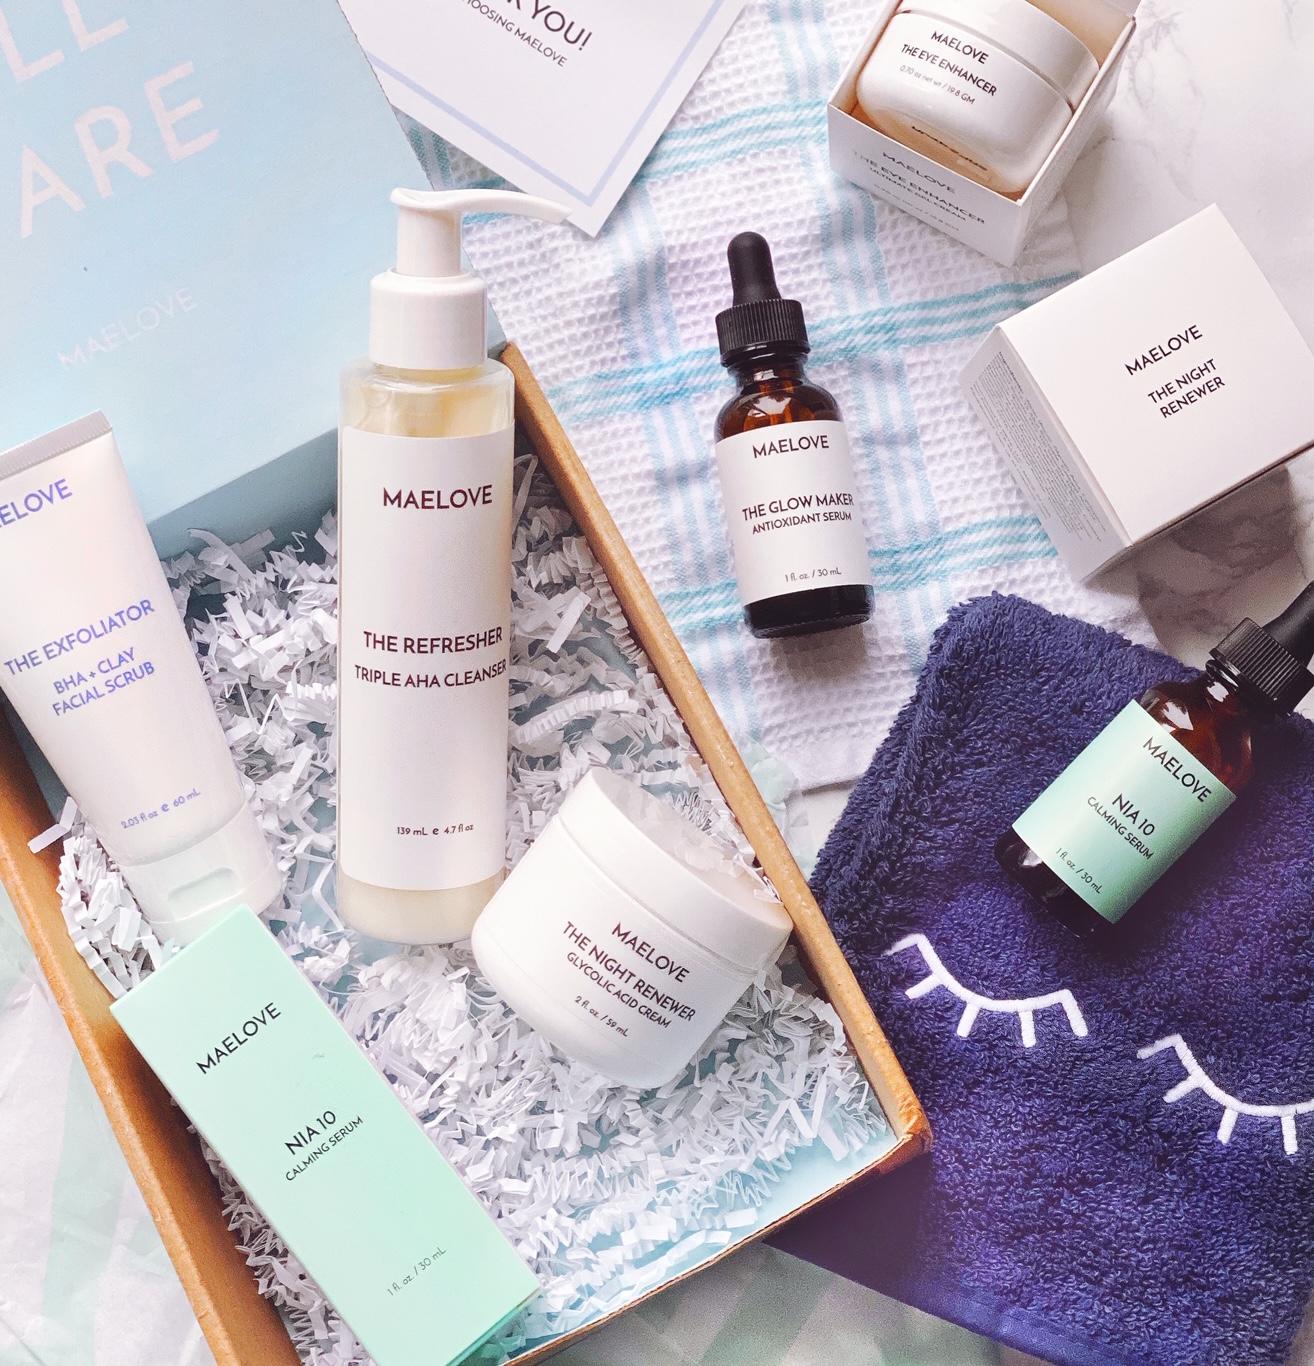 Maelove Skincare Line